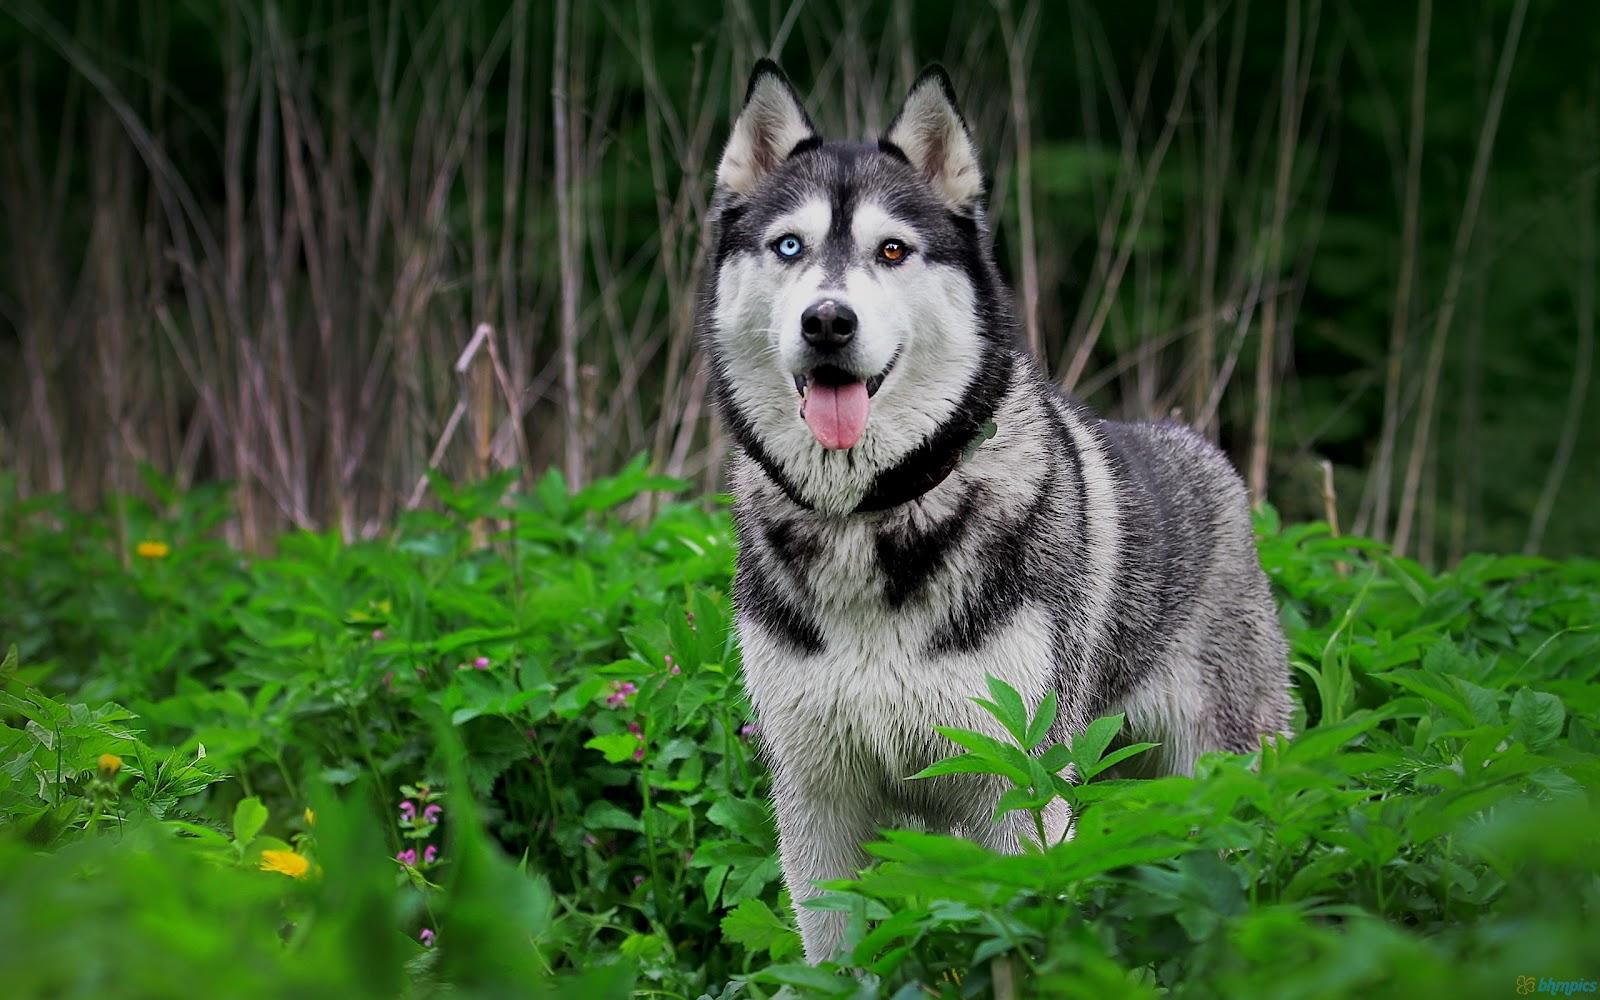 http://3.bp.blogspot.com/-FHSegW_nCGw/T_Mtg9gVe7I/AAAAAAAACMg/SxDvPGZF9vM/s1600/husky_dog_in_green_forest-2560x1600.jpg